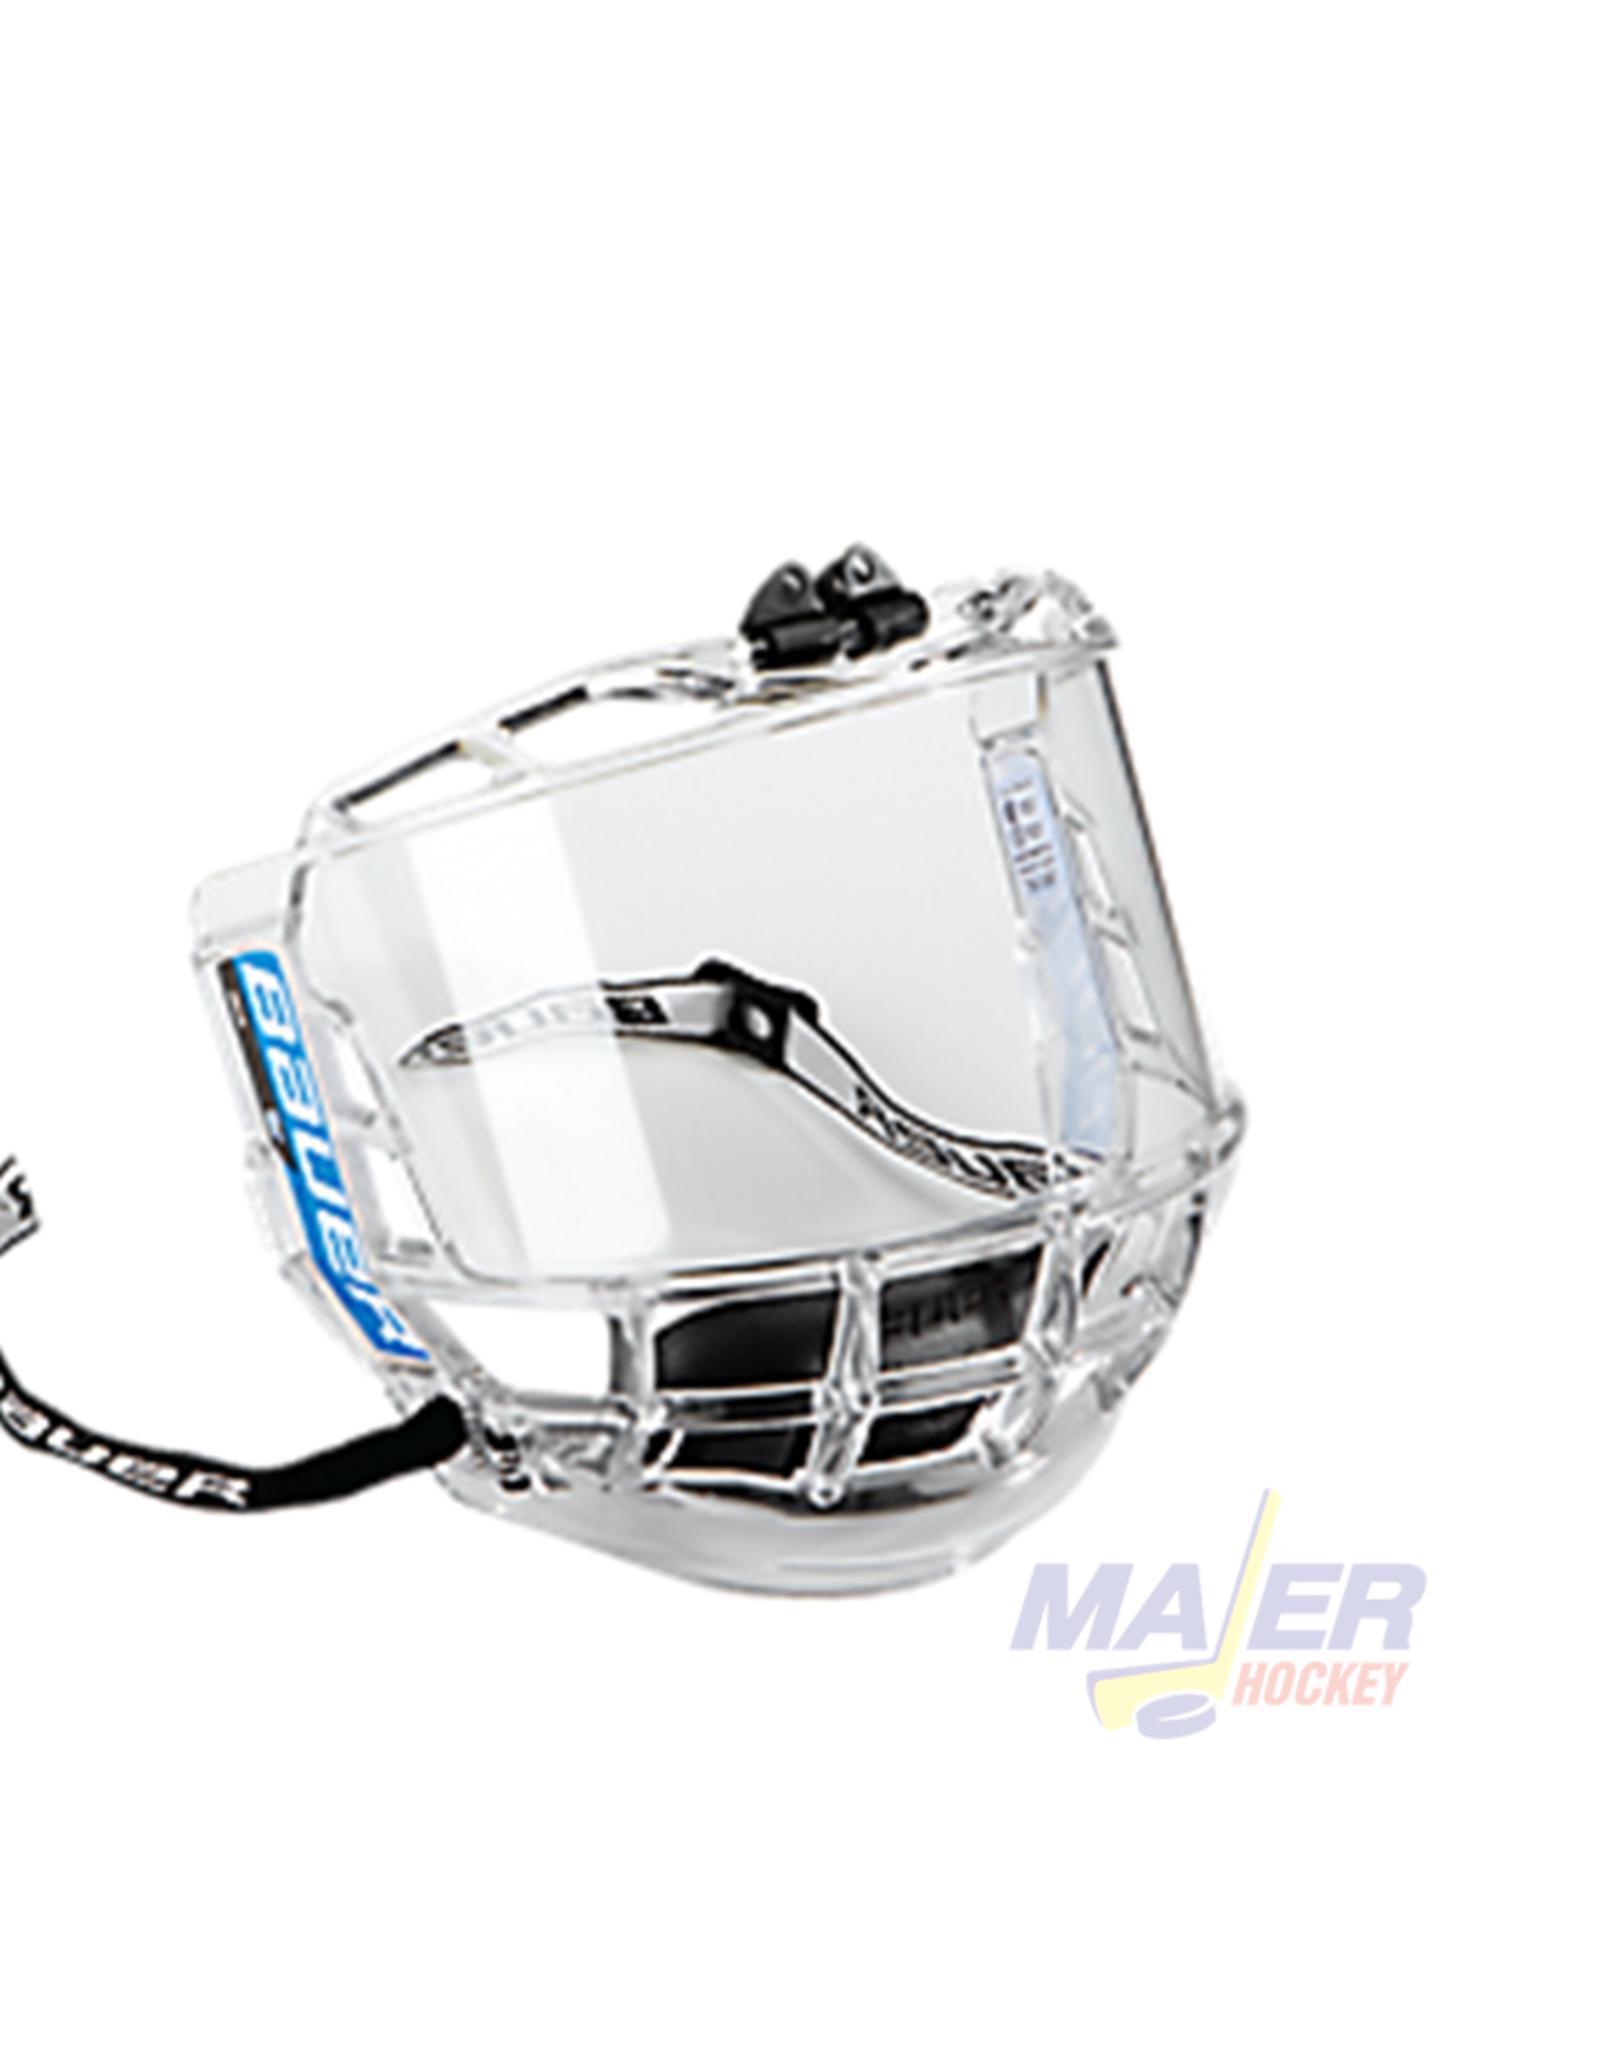 Bauer Concept 3 Senior Full Face Shield Visor